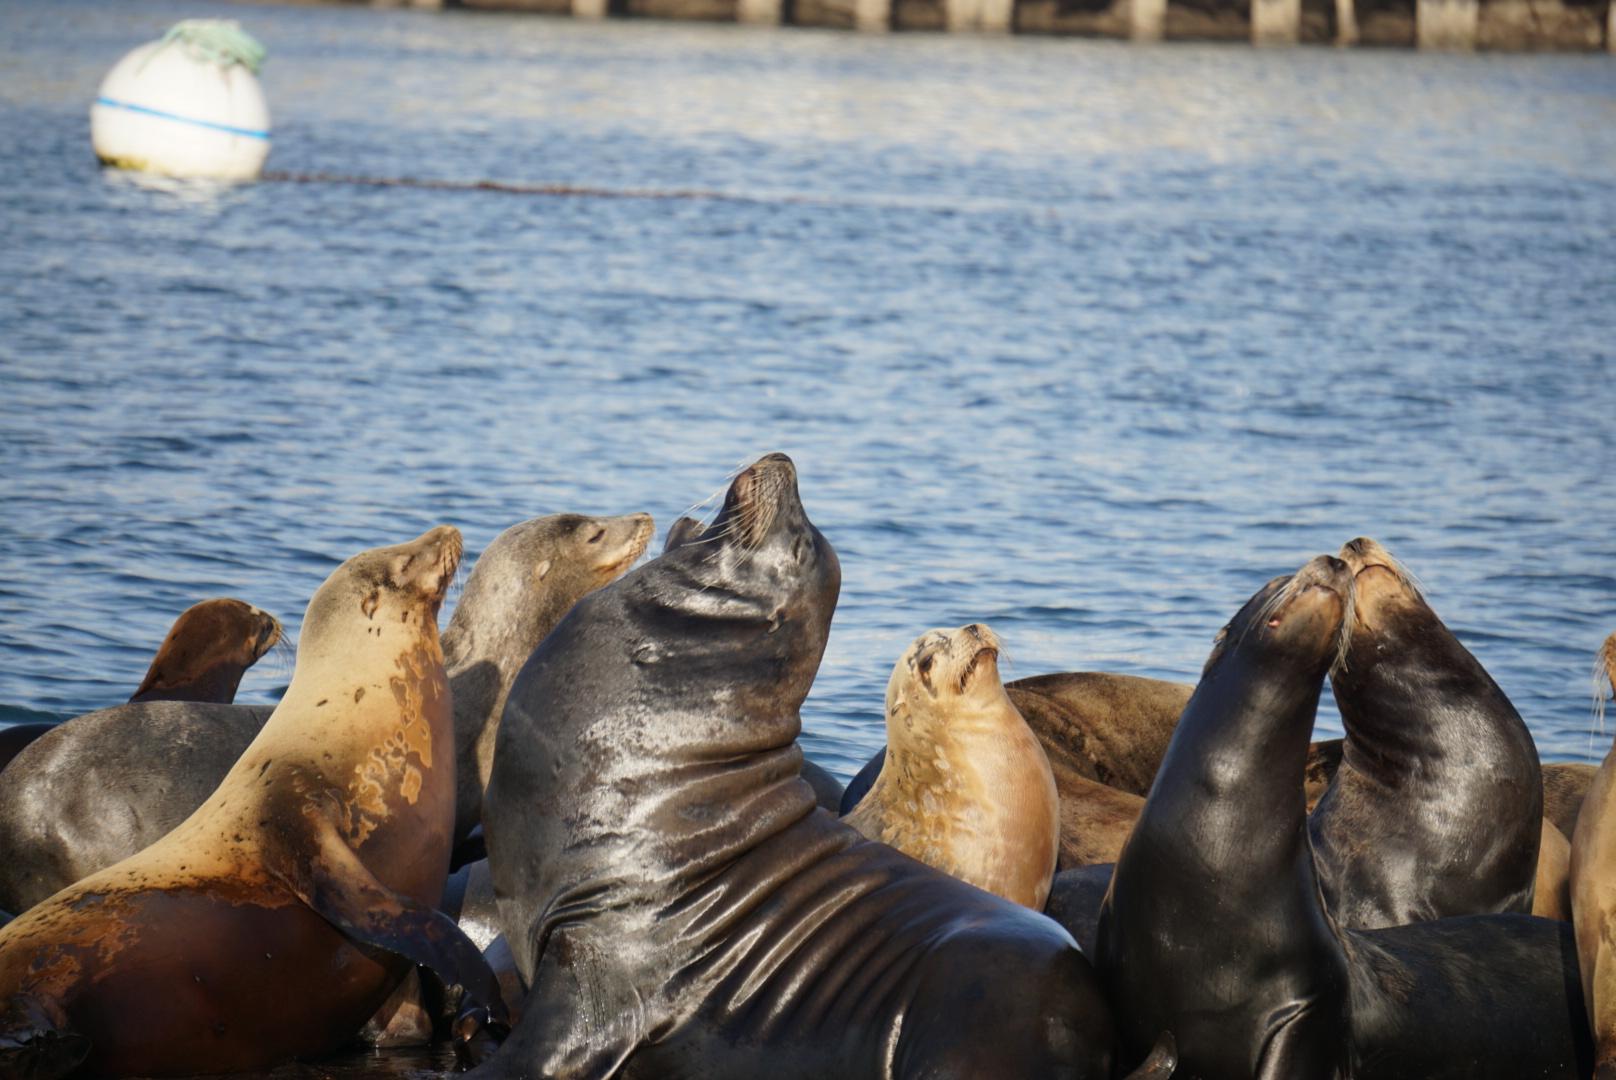 Sea lions in Morro Bay.